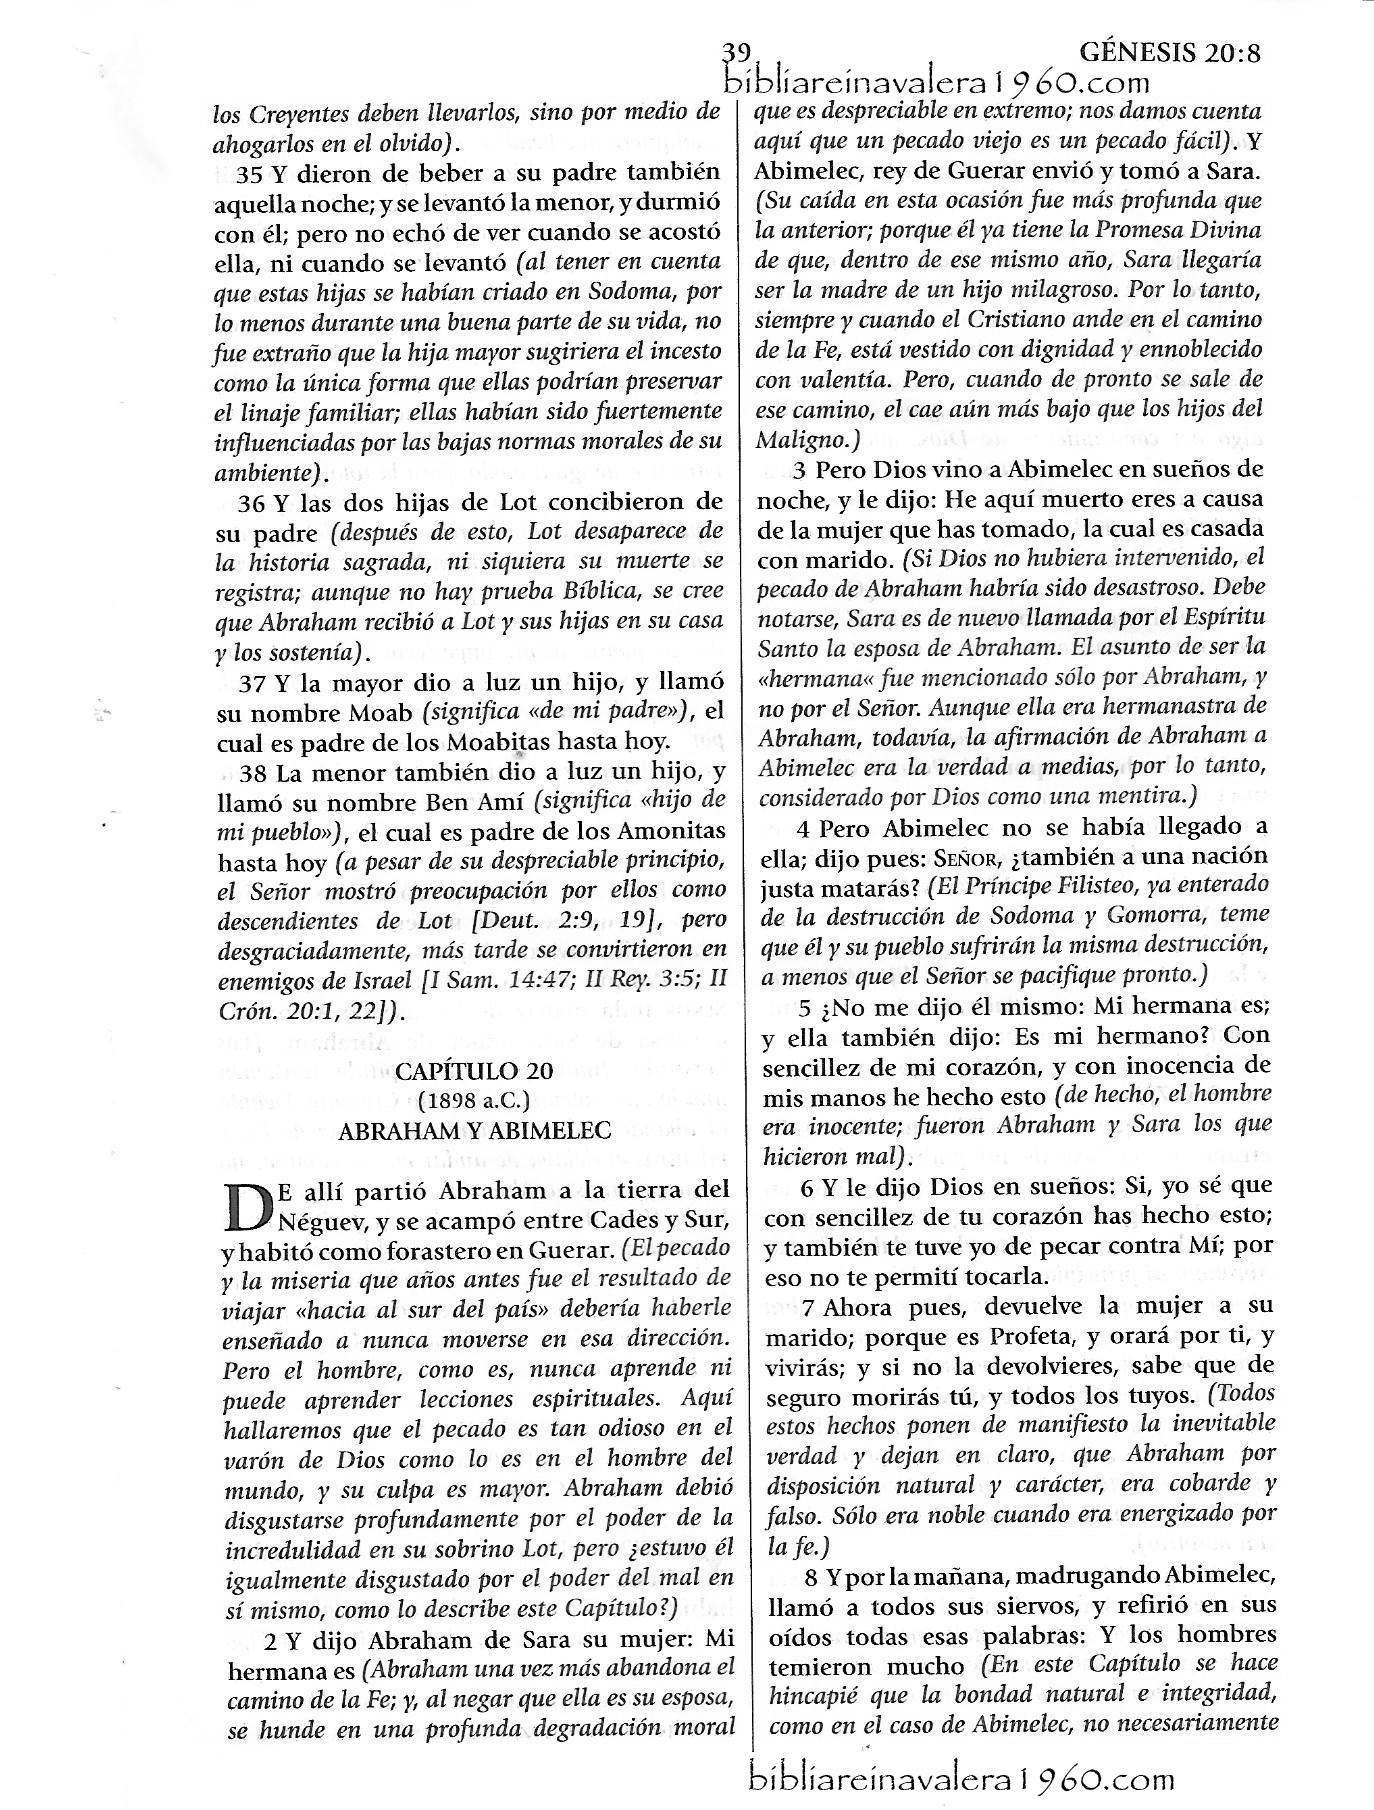 genesis 20 explicacion Genesis 20 Explicacion 39